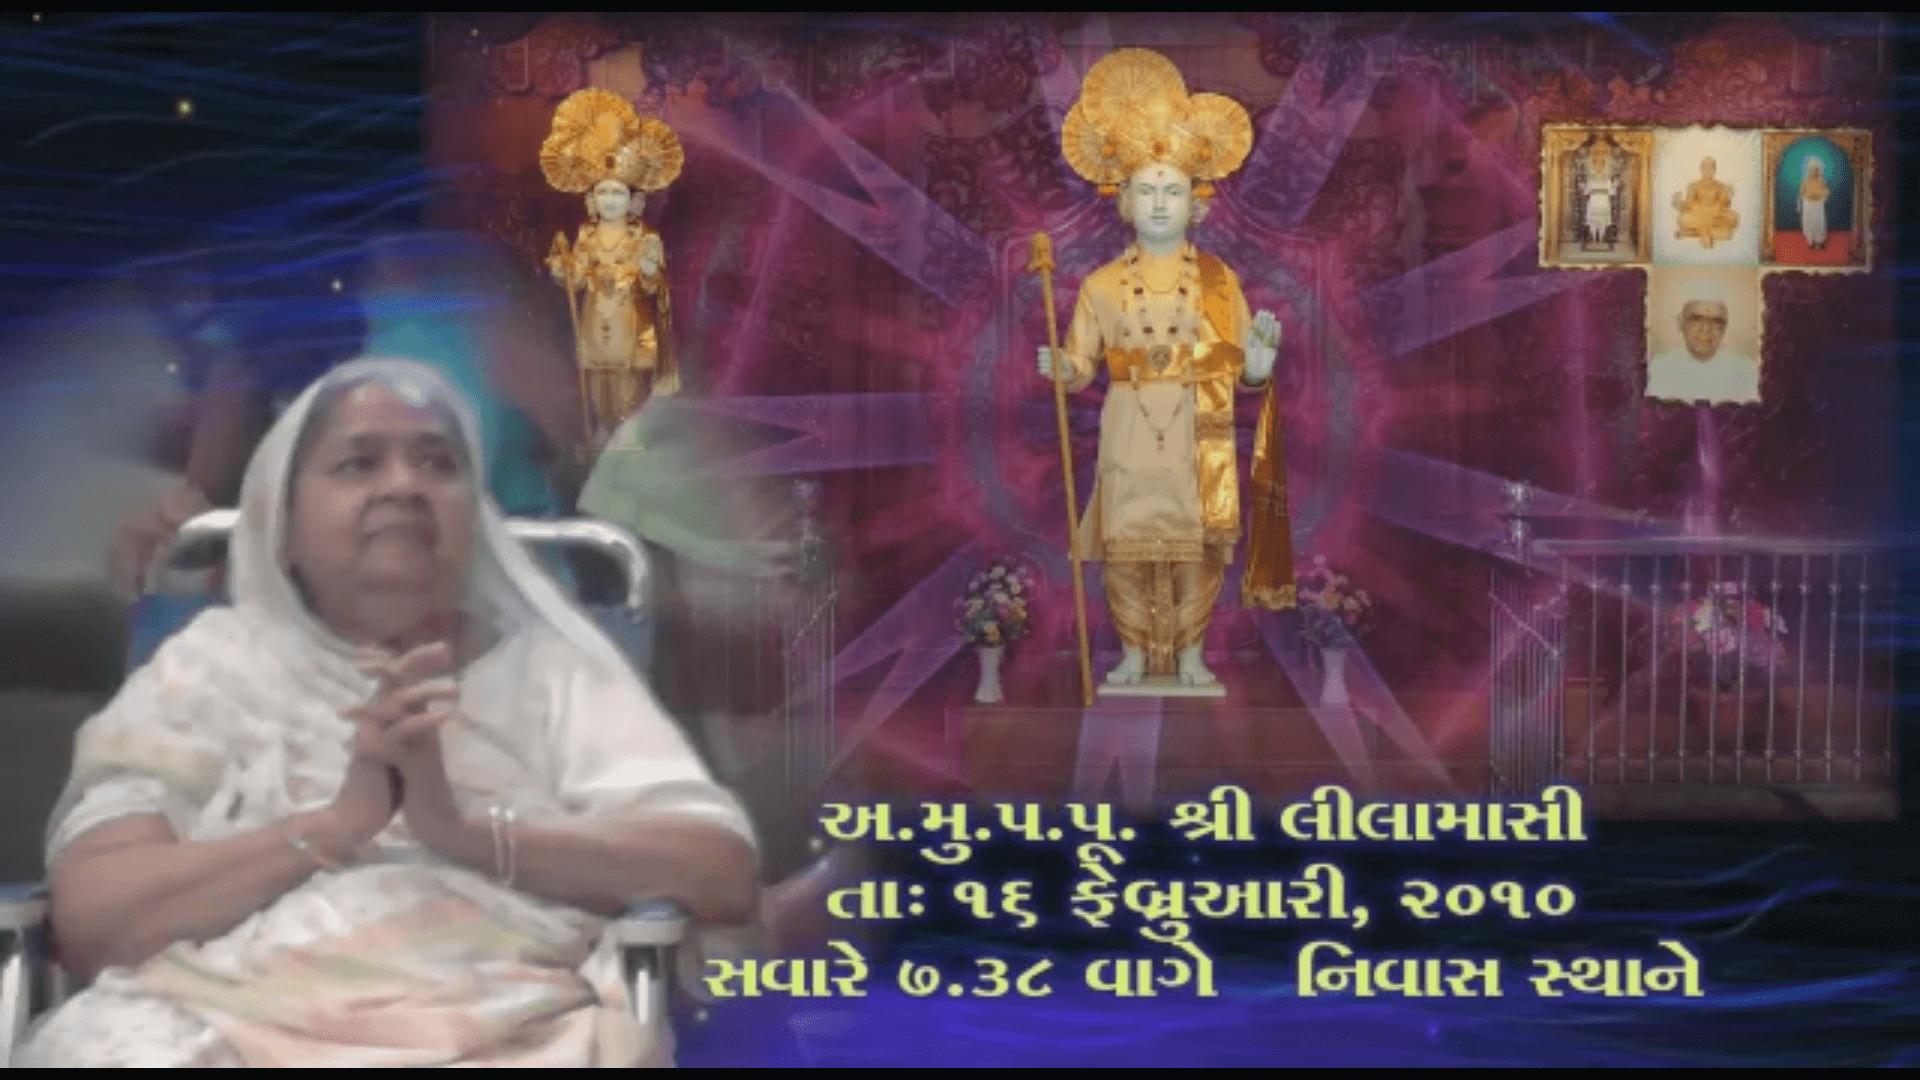 Pujya Leelamasi Aashirvad